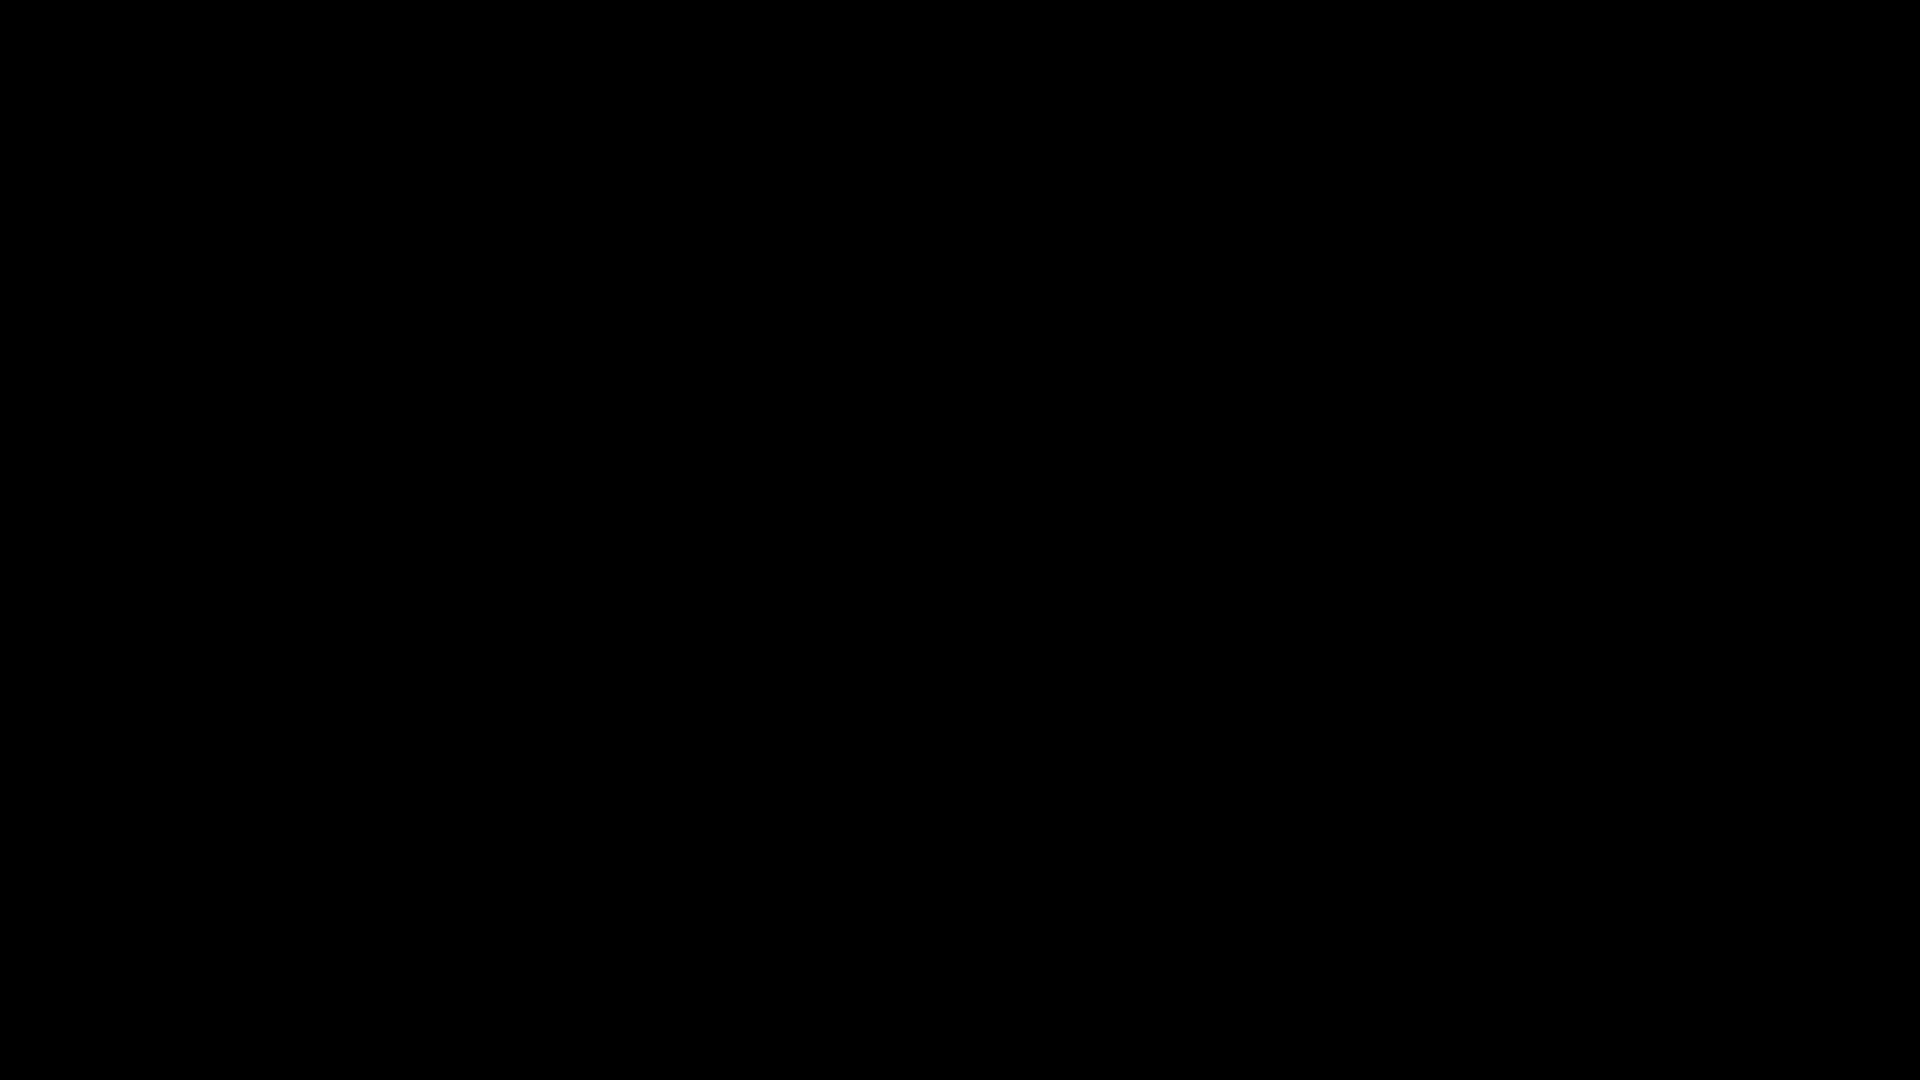 Goliyan